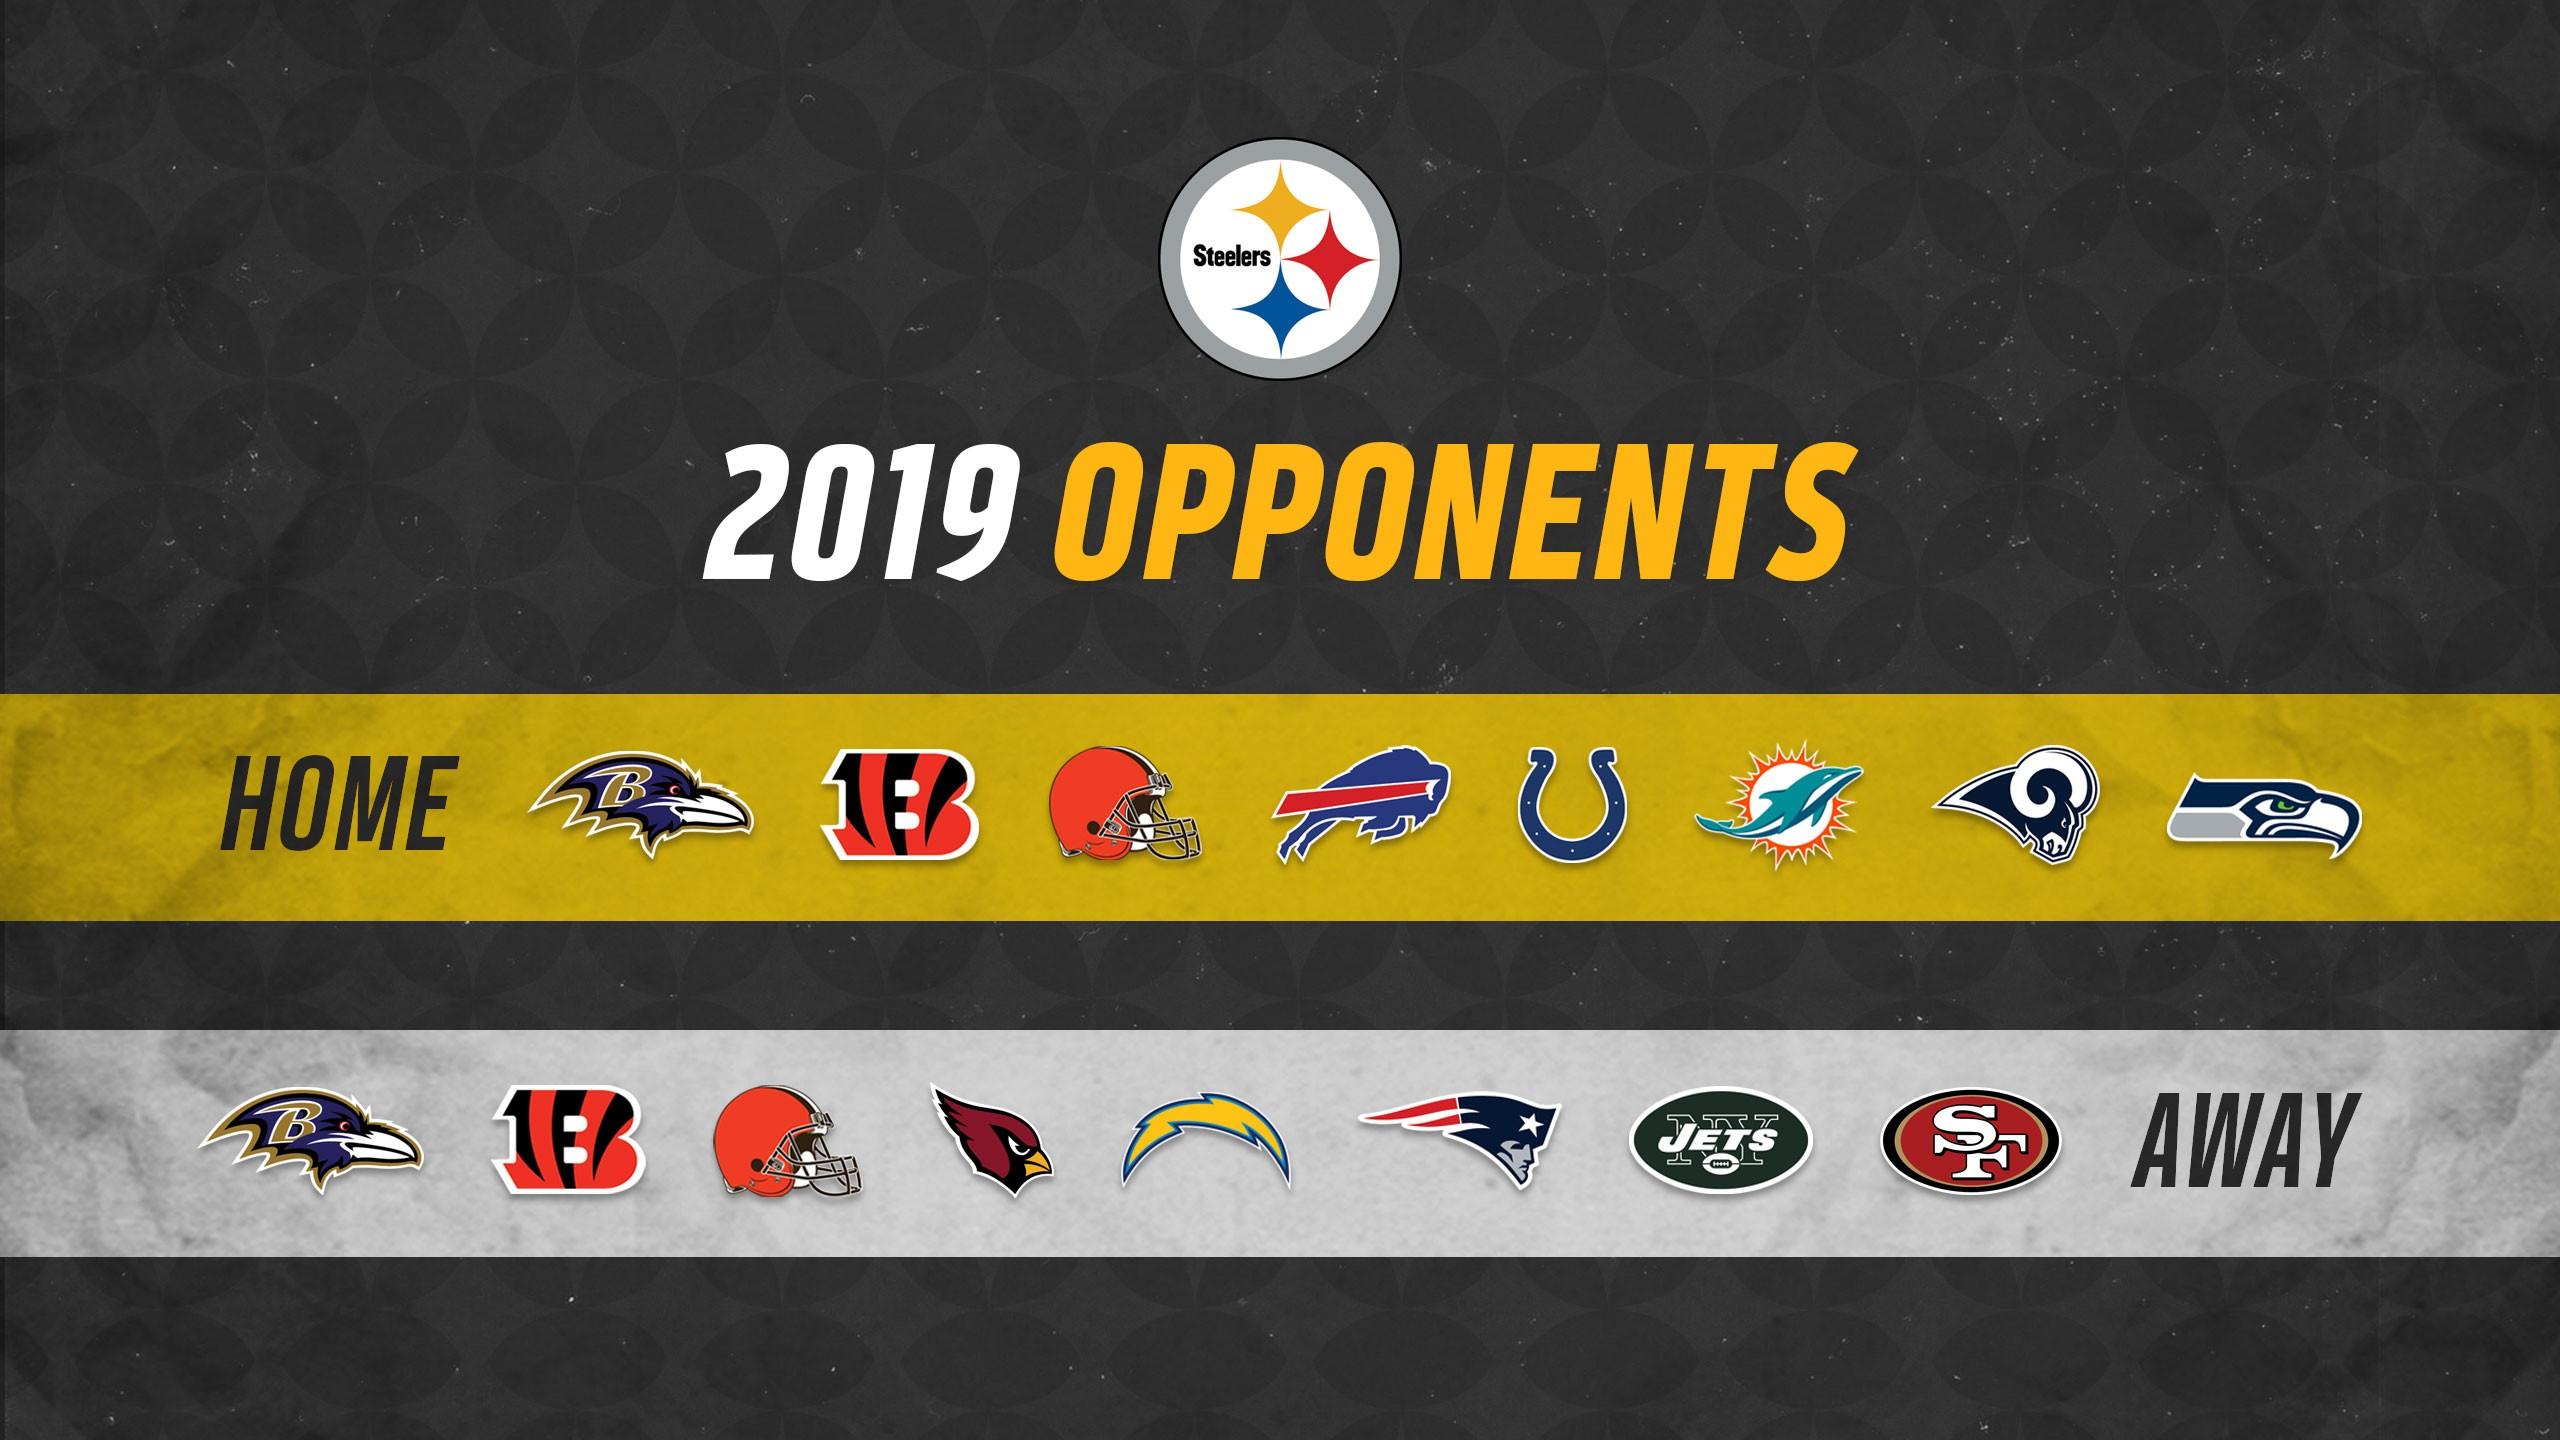 March 1 2019 Calendar Actual Steelers Home Of March 1 2019 Calendar Mejores Y Más Novedosos Romantyczny Kwiatowy Kalendarz Marca 2019 Ptakiem — Zdjęcie Stockowe